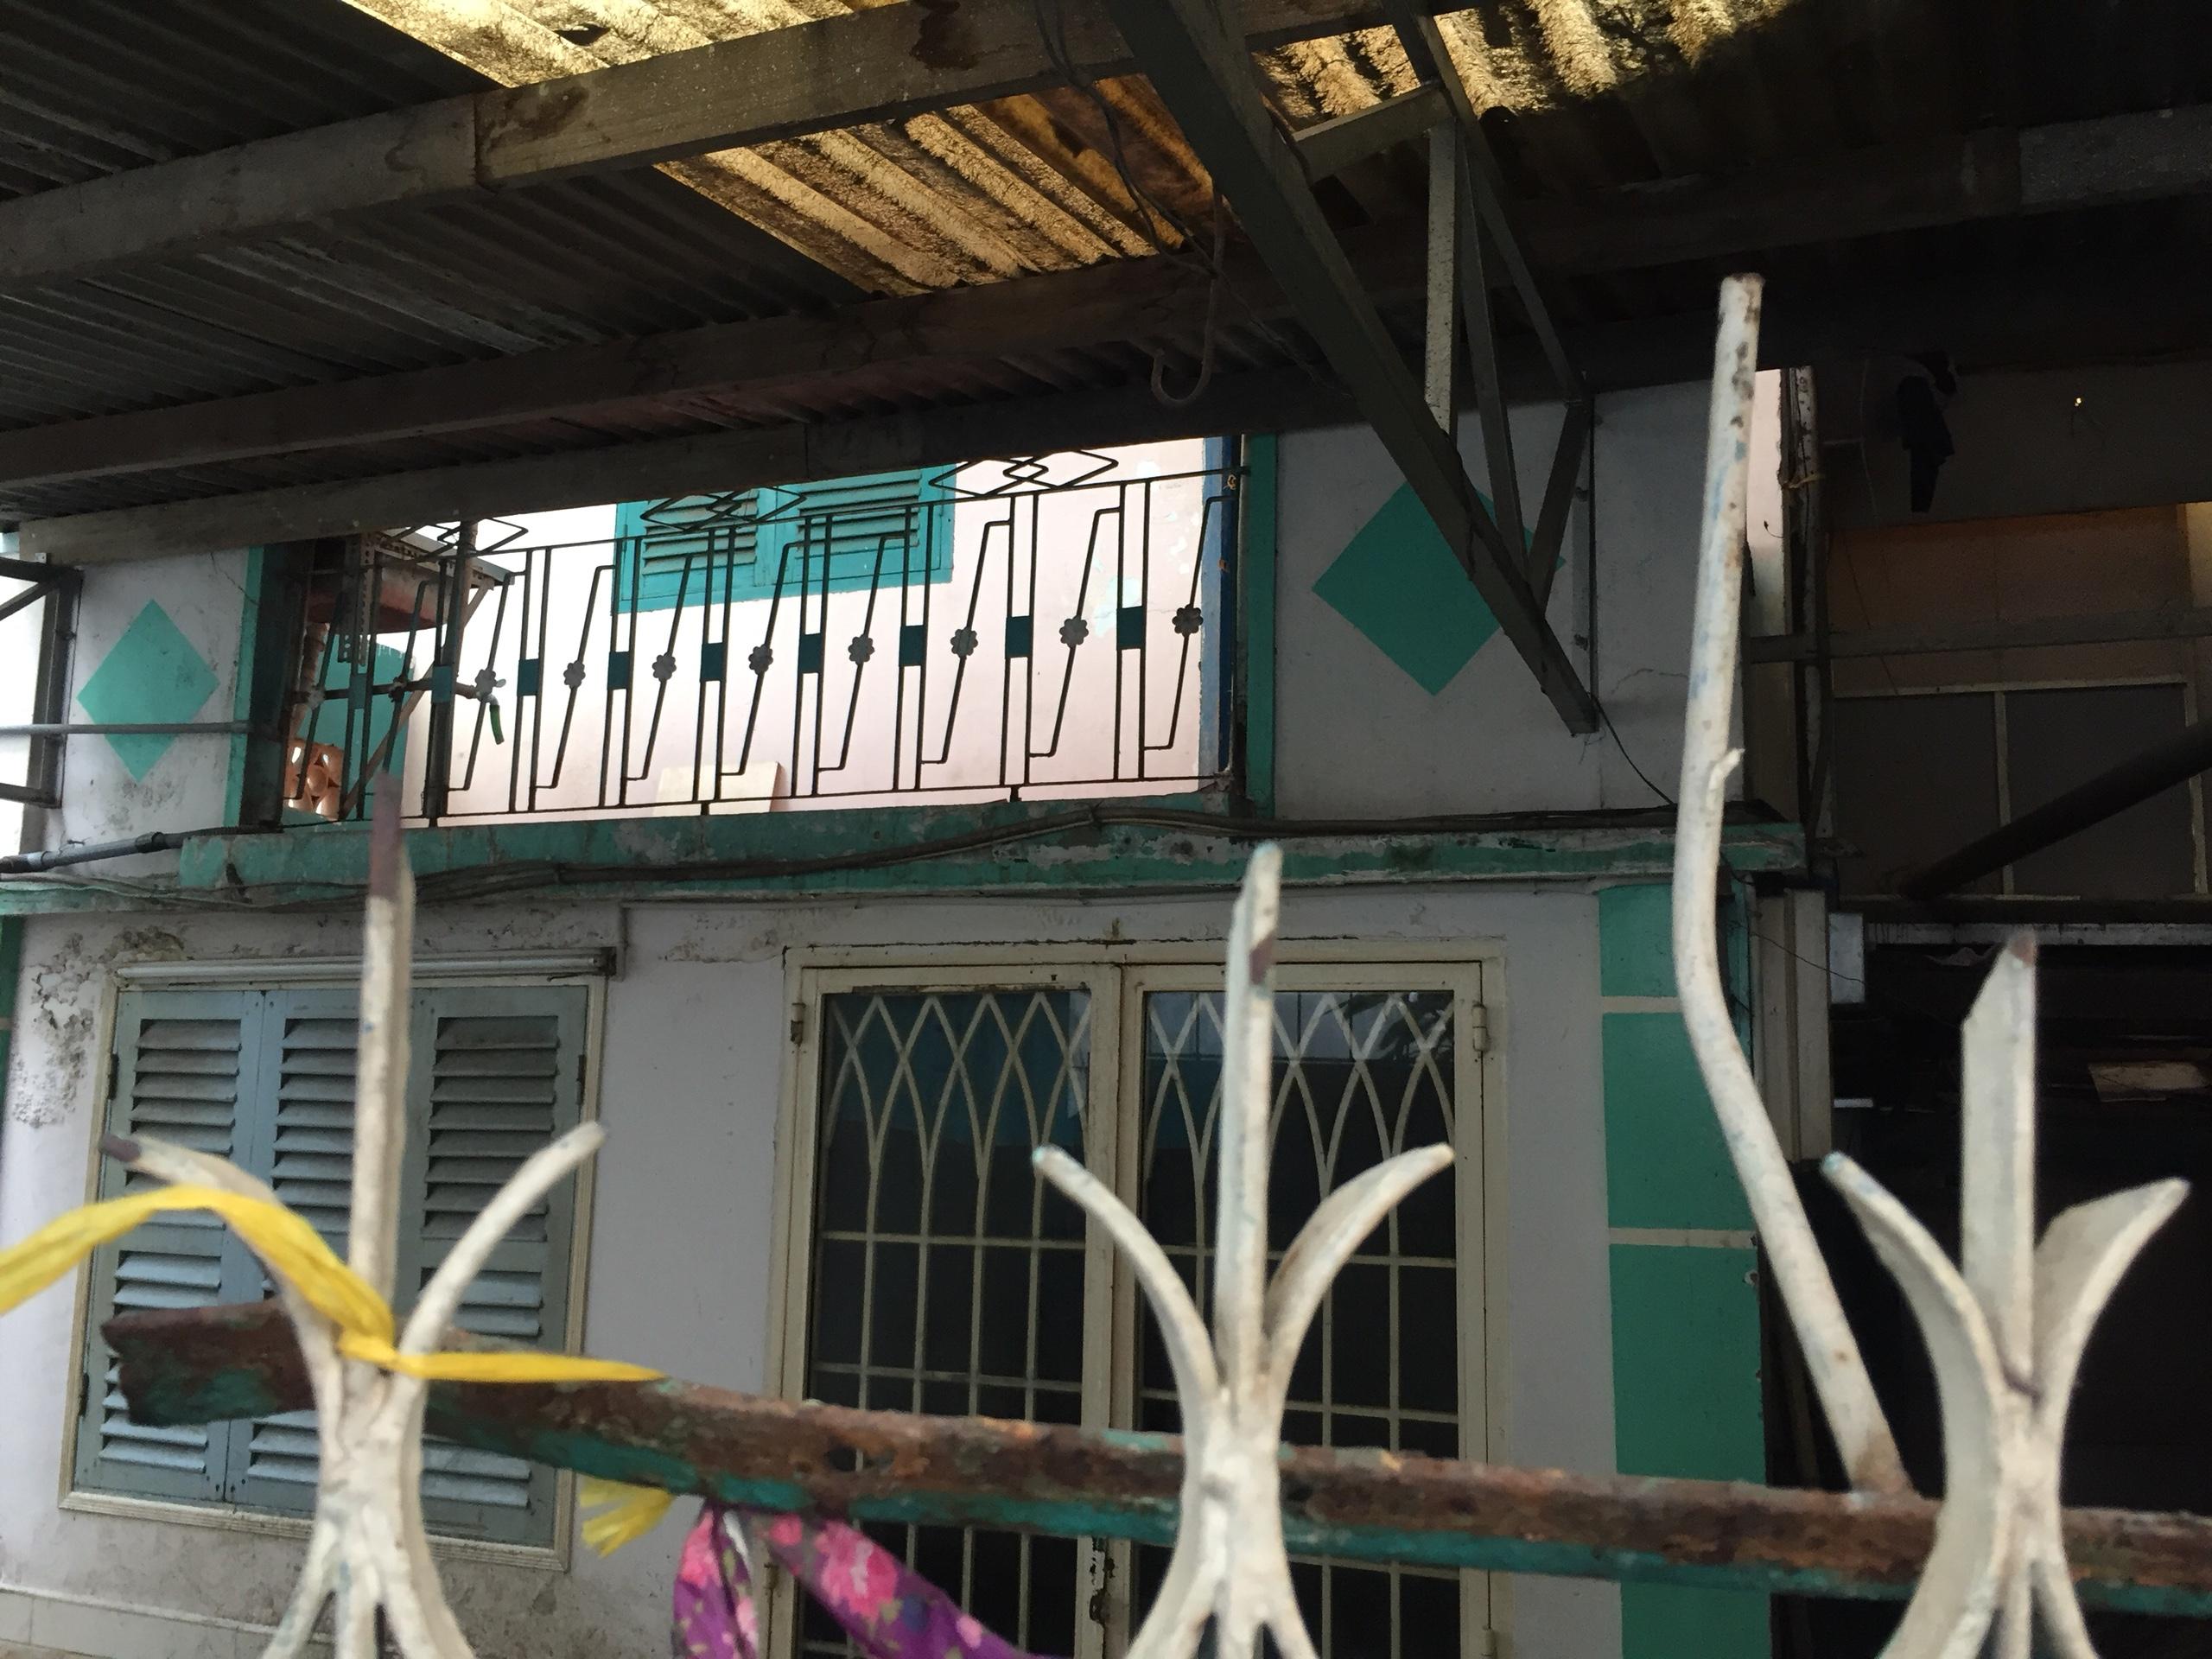 Bán nhà đường Bình Lợi Bình Thạnh 7x15m 107m2 giá 8.2 tỷ